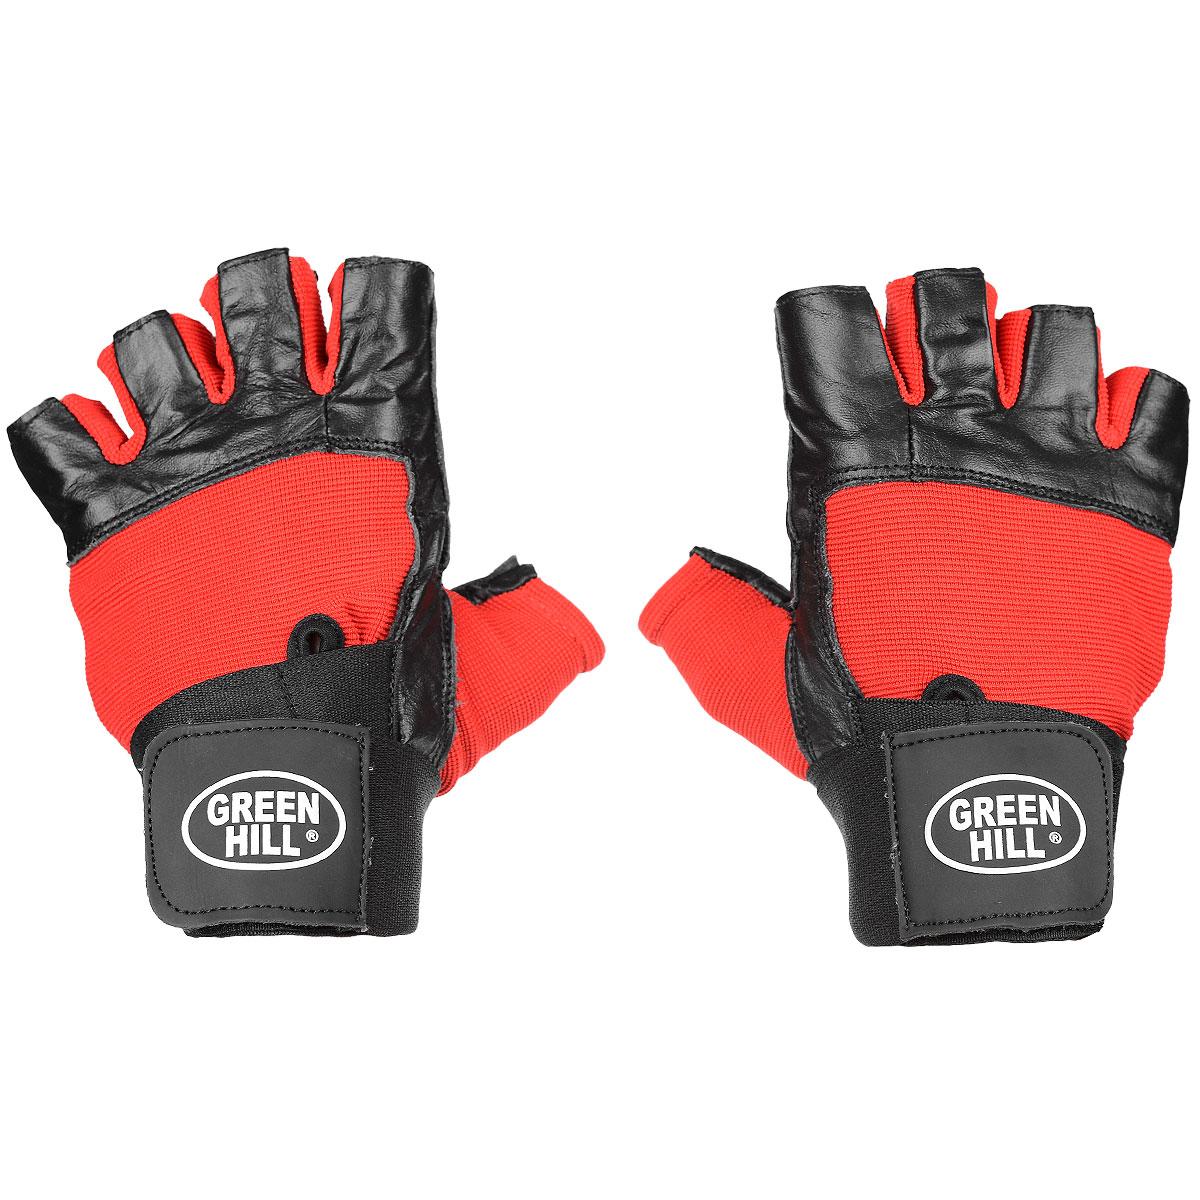 Перчатки тяжелоатлетические Green Hill, цвет: черный, красный. Размер XLWLG-6411Тяжелоатлетические перчатки без пальцев Green Hill предназначены для тяжелой атлетики и занятий фитнесом. Они защищают ладонь и пальцы рук от натирания, ушибов и прочих повреждений. Перчатки выполнены из натуральной кожи со вставками из полиэстера. Внутри имеется специальная противоскользящая подкладка. На запястье перчатка фиксируется прочной липучкой. Длинный эластичный ремешок обеспечит комфорт и надежную фиксацию перчатки на руке даже при больших нагрузках.